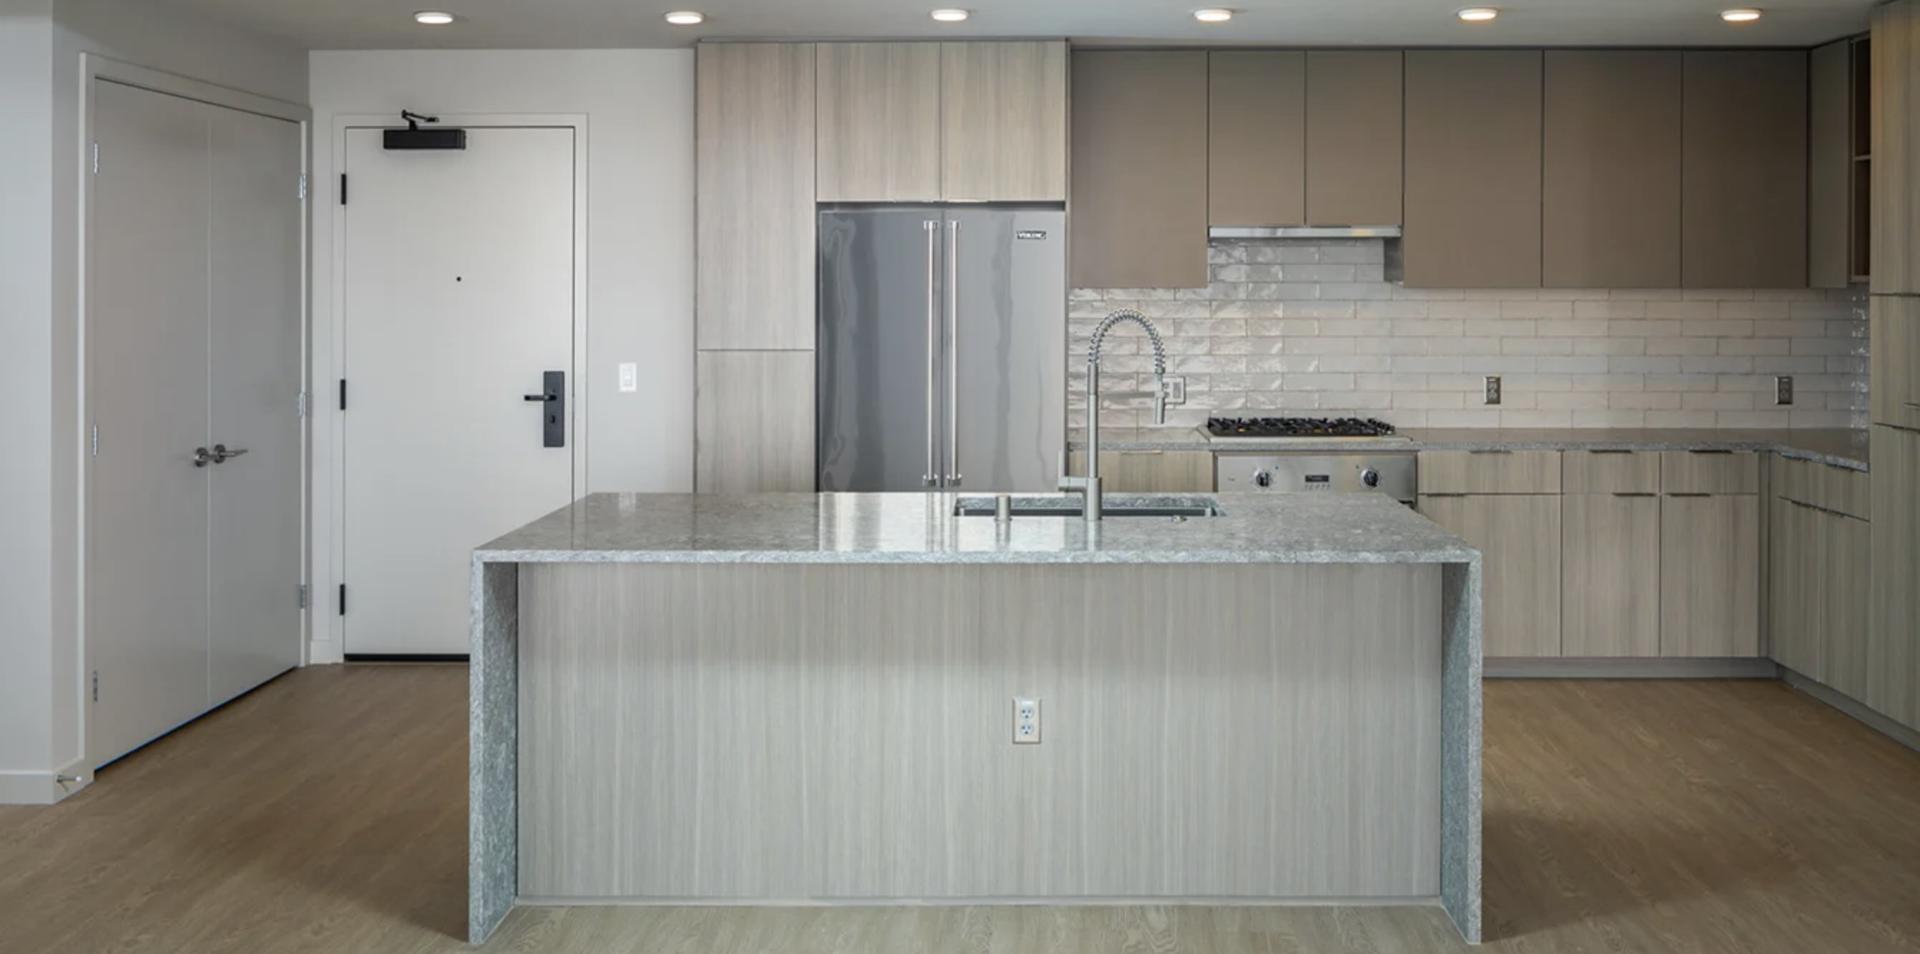 601 11th Avenue #1012, San Diego, CA - $4,685 USD/ month